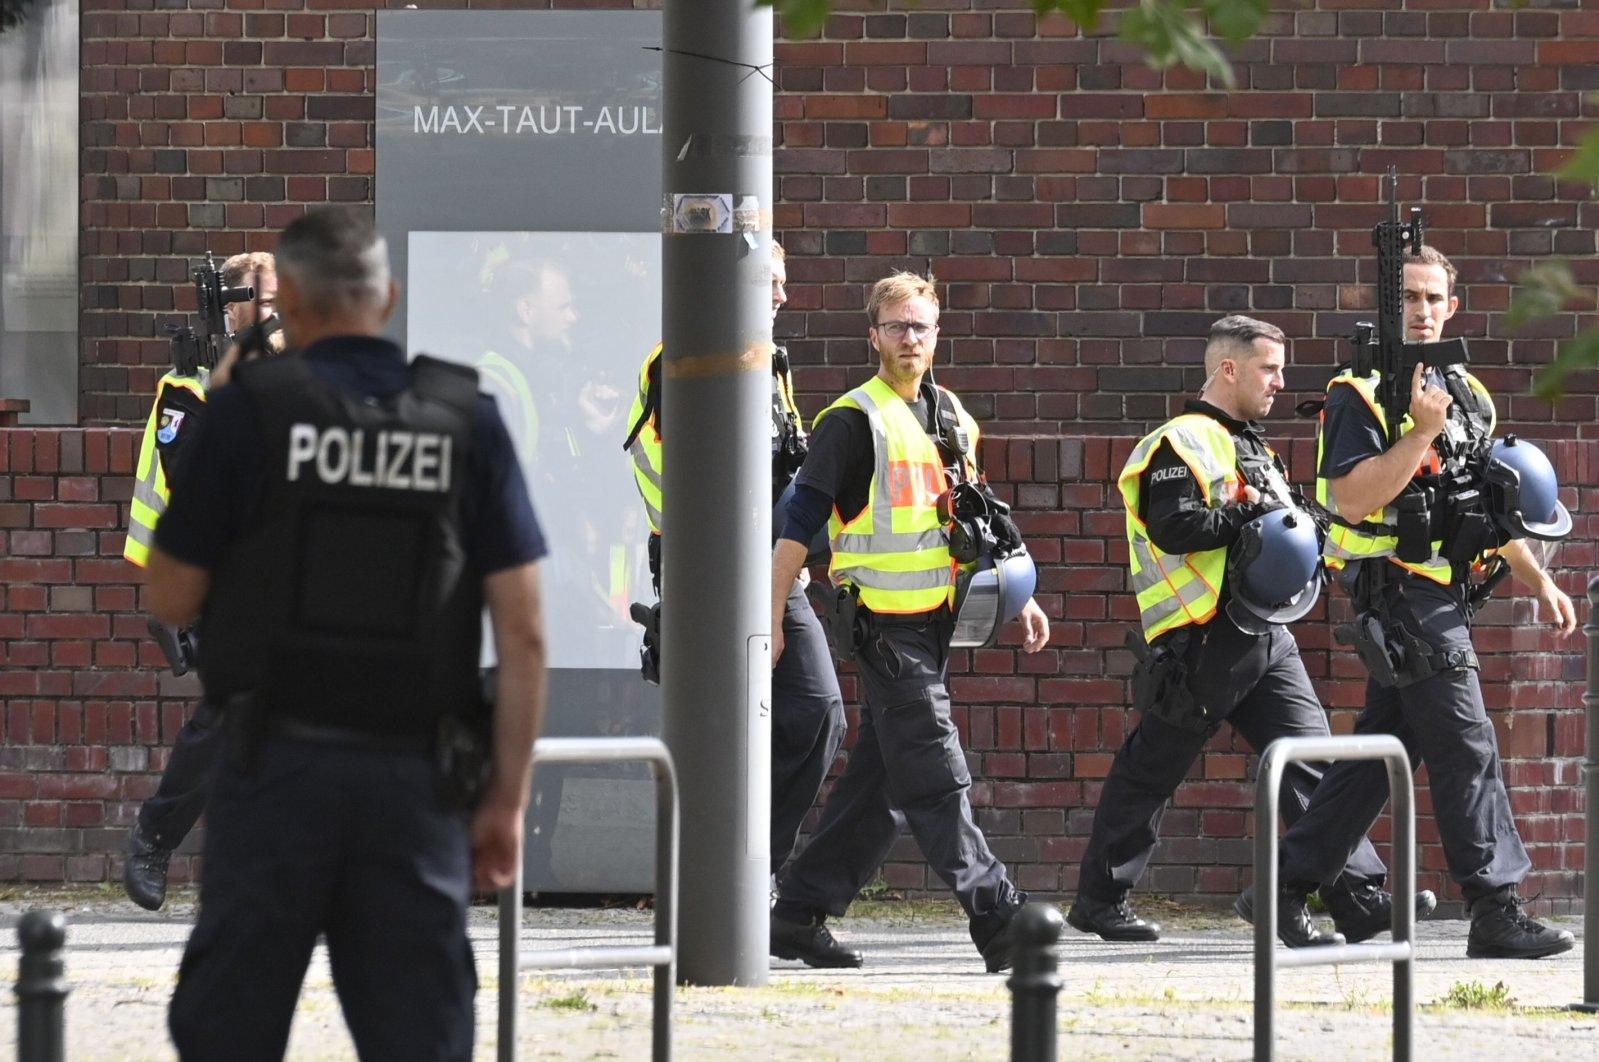 German armed policemen walk past a school in Berlin's Rummelsburg district, Germany, Aug. 28, 2020. (AFP Photo)